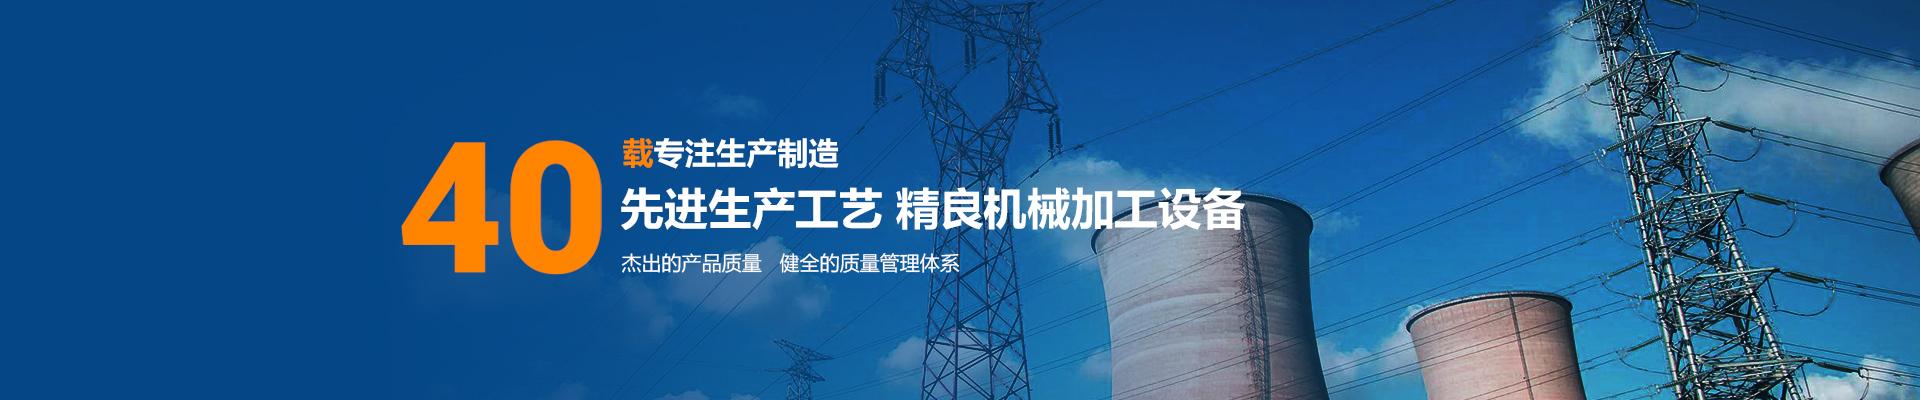 http://www.mdjhf.cn/data/upload/202104/20210414090119_914.jpg